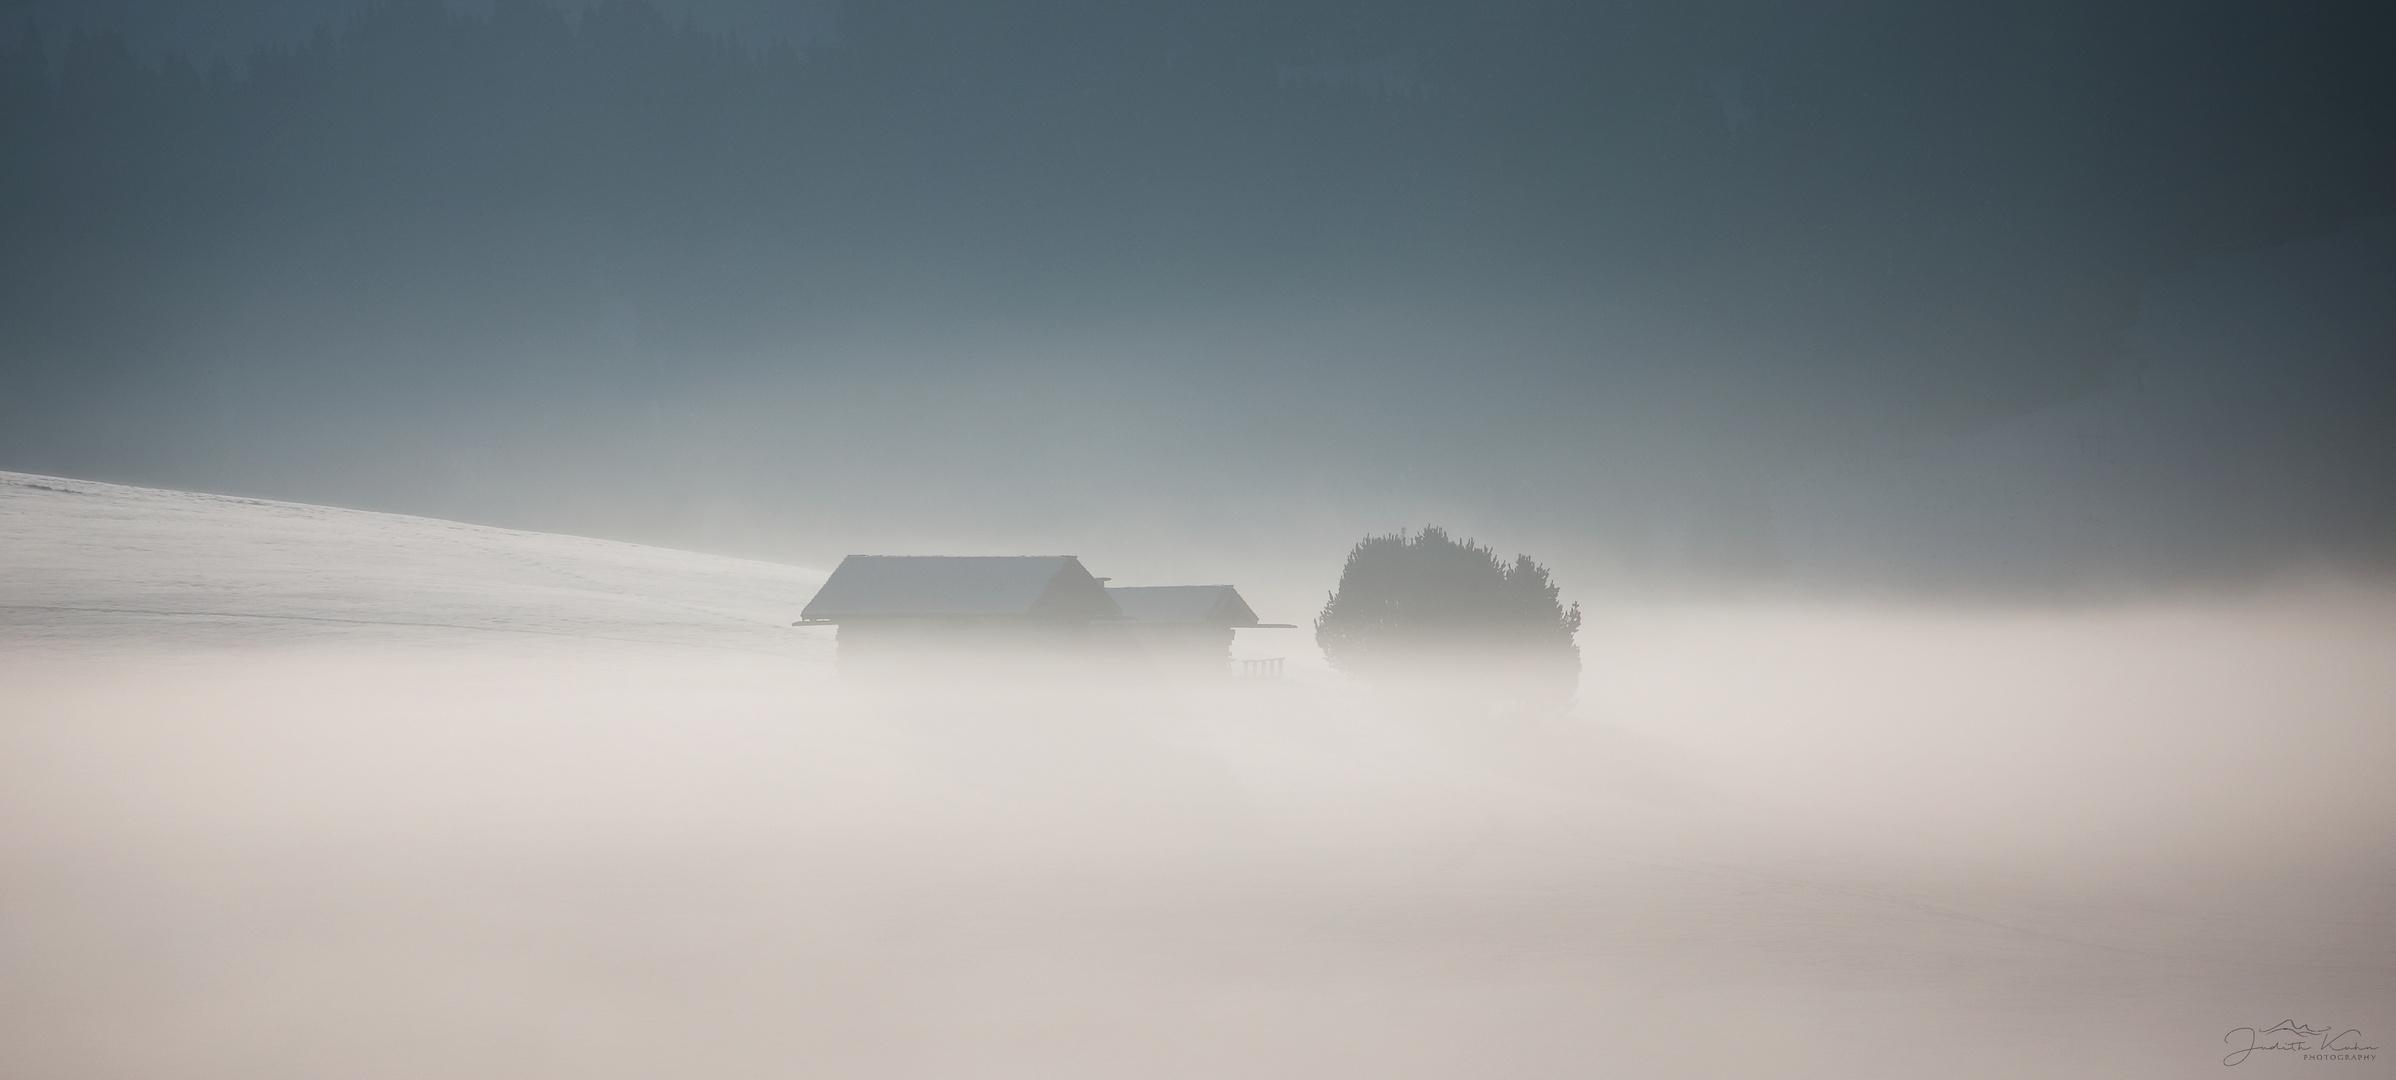 vom Nebel verschluckt